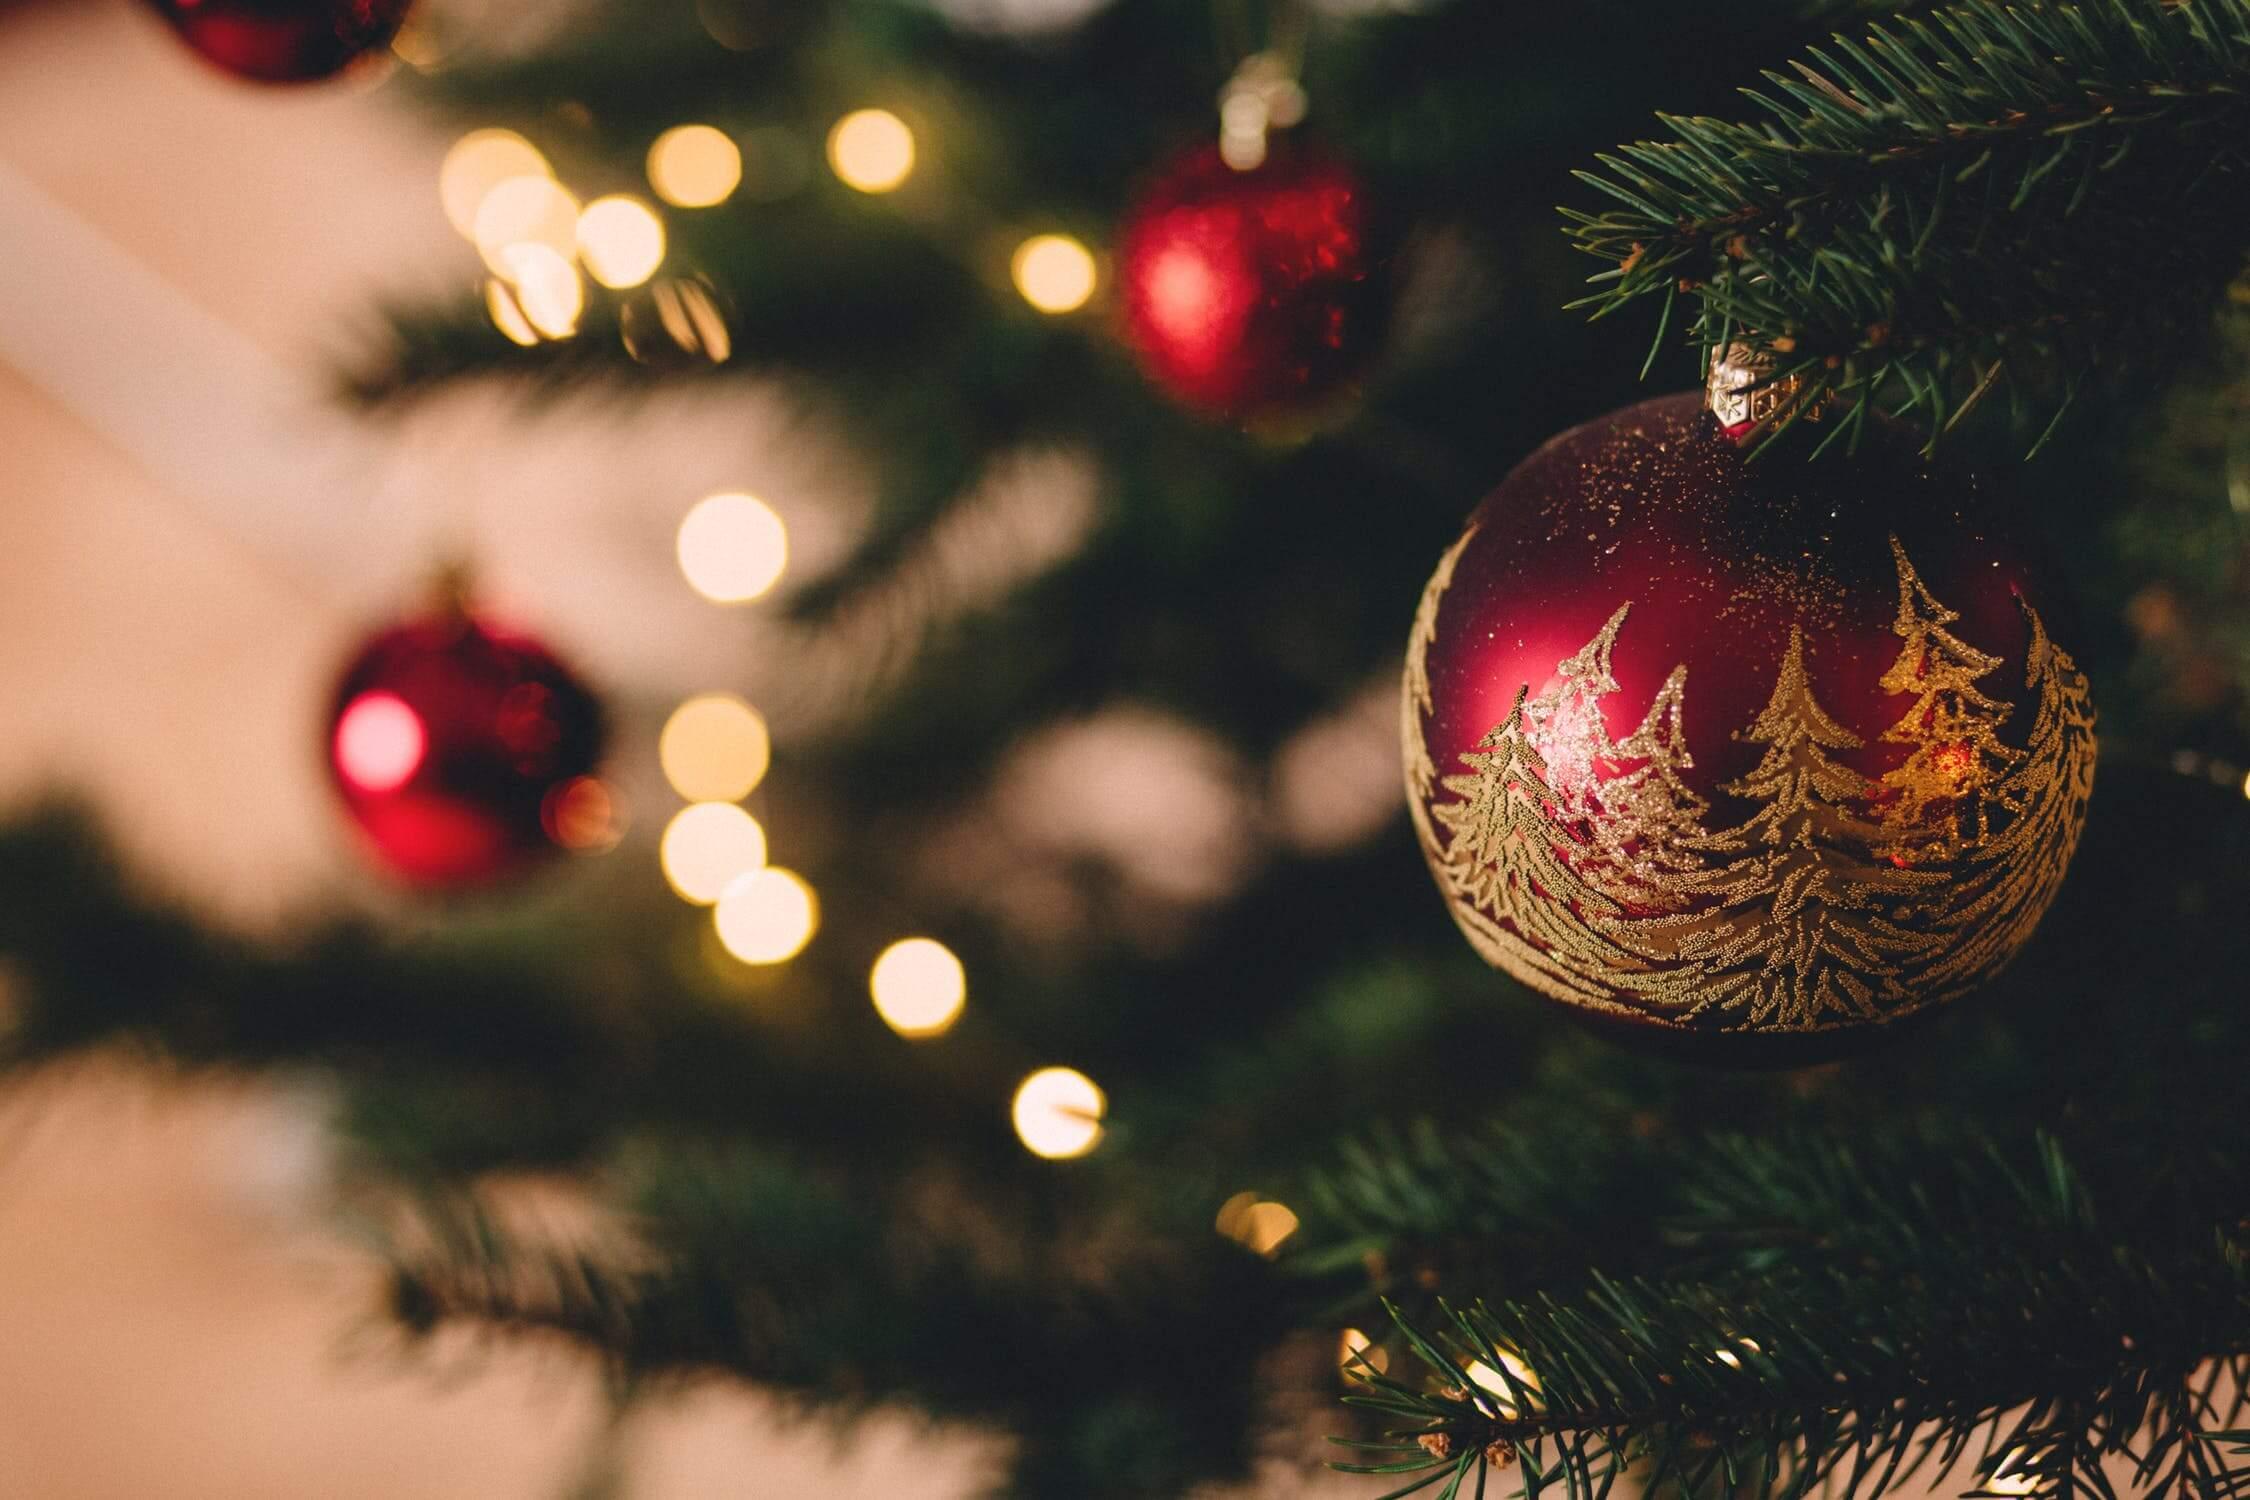 v mnohých prípadoch skončia vianočné darčeky zabalené v skrini, lebo si ich šetria